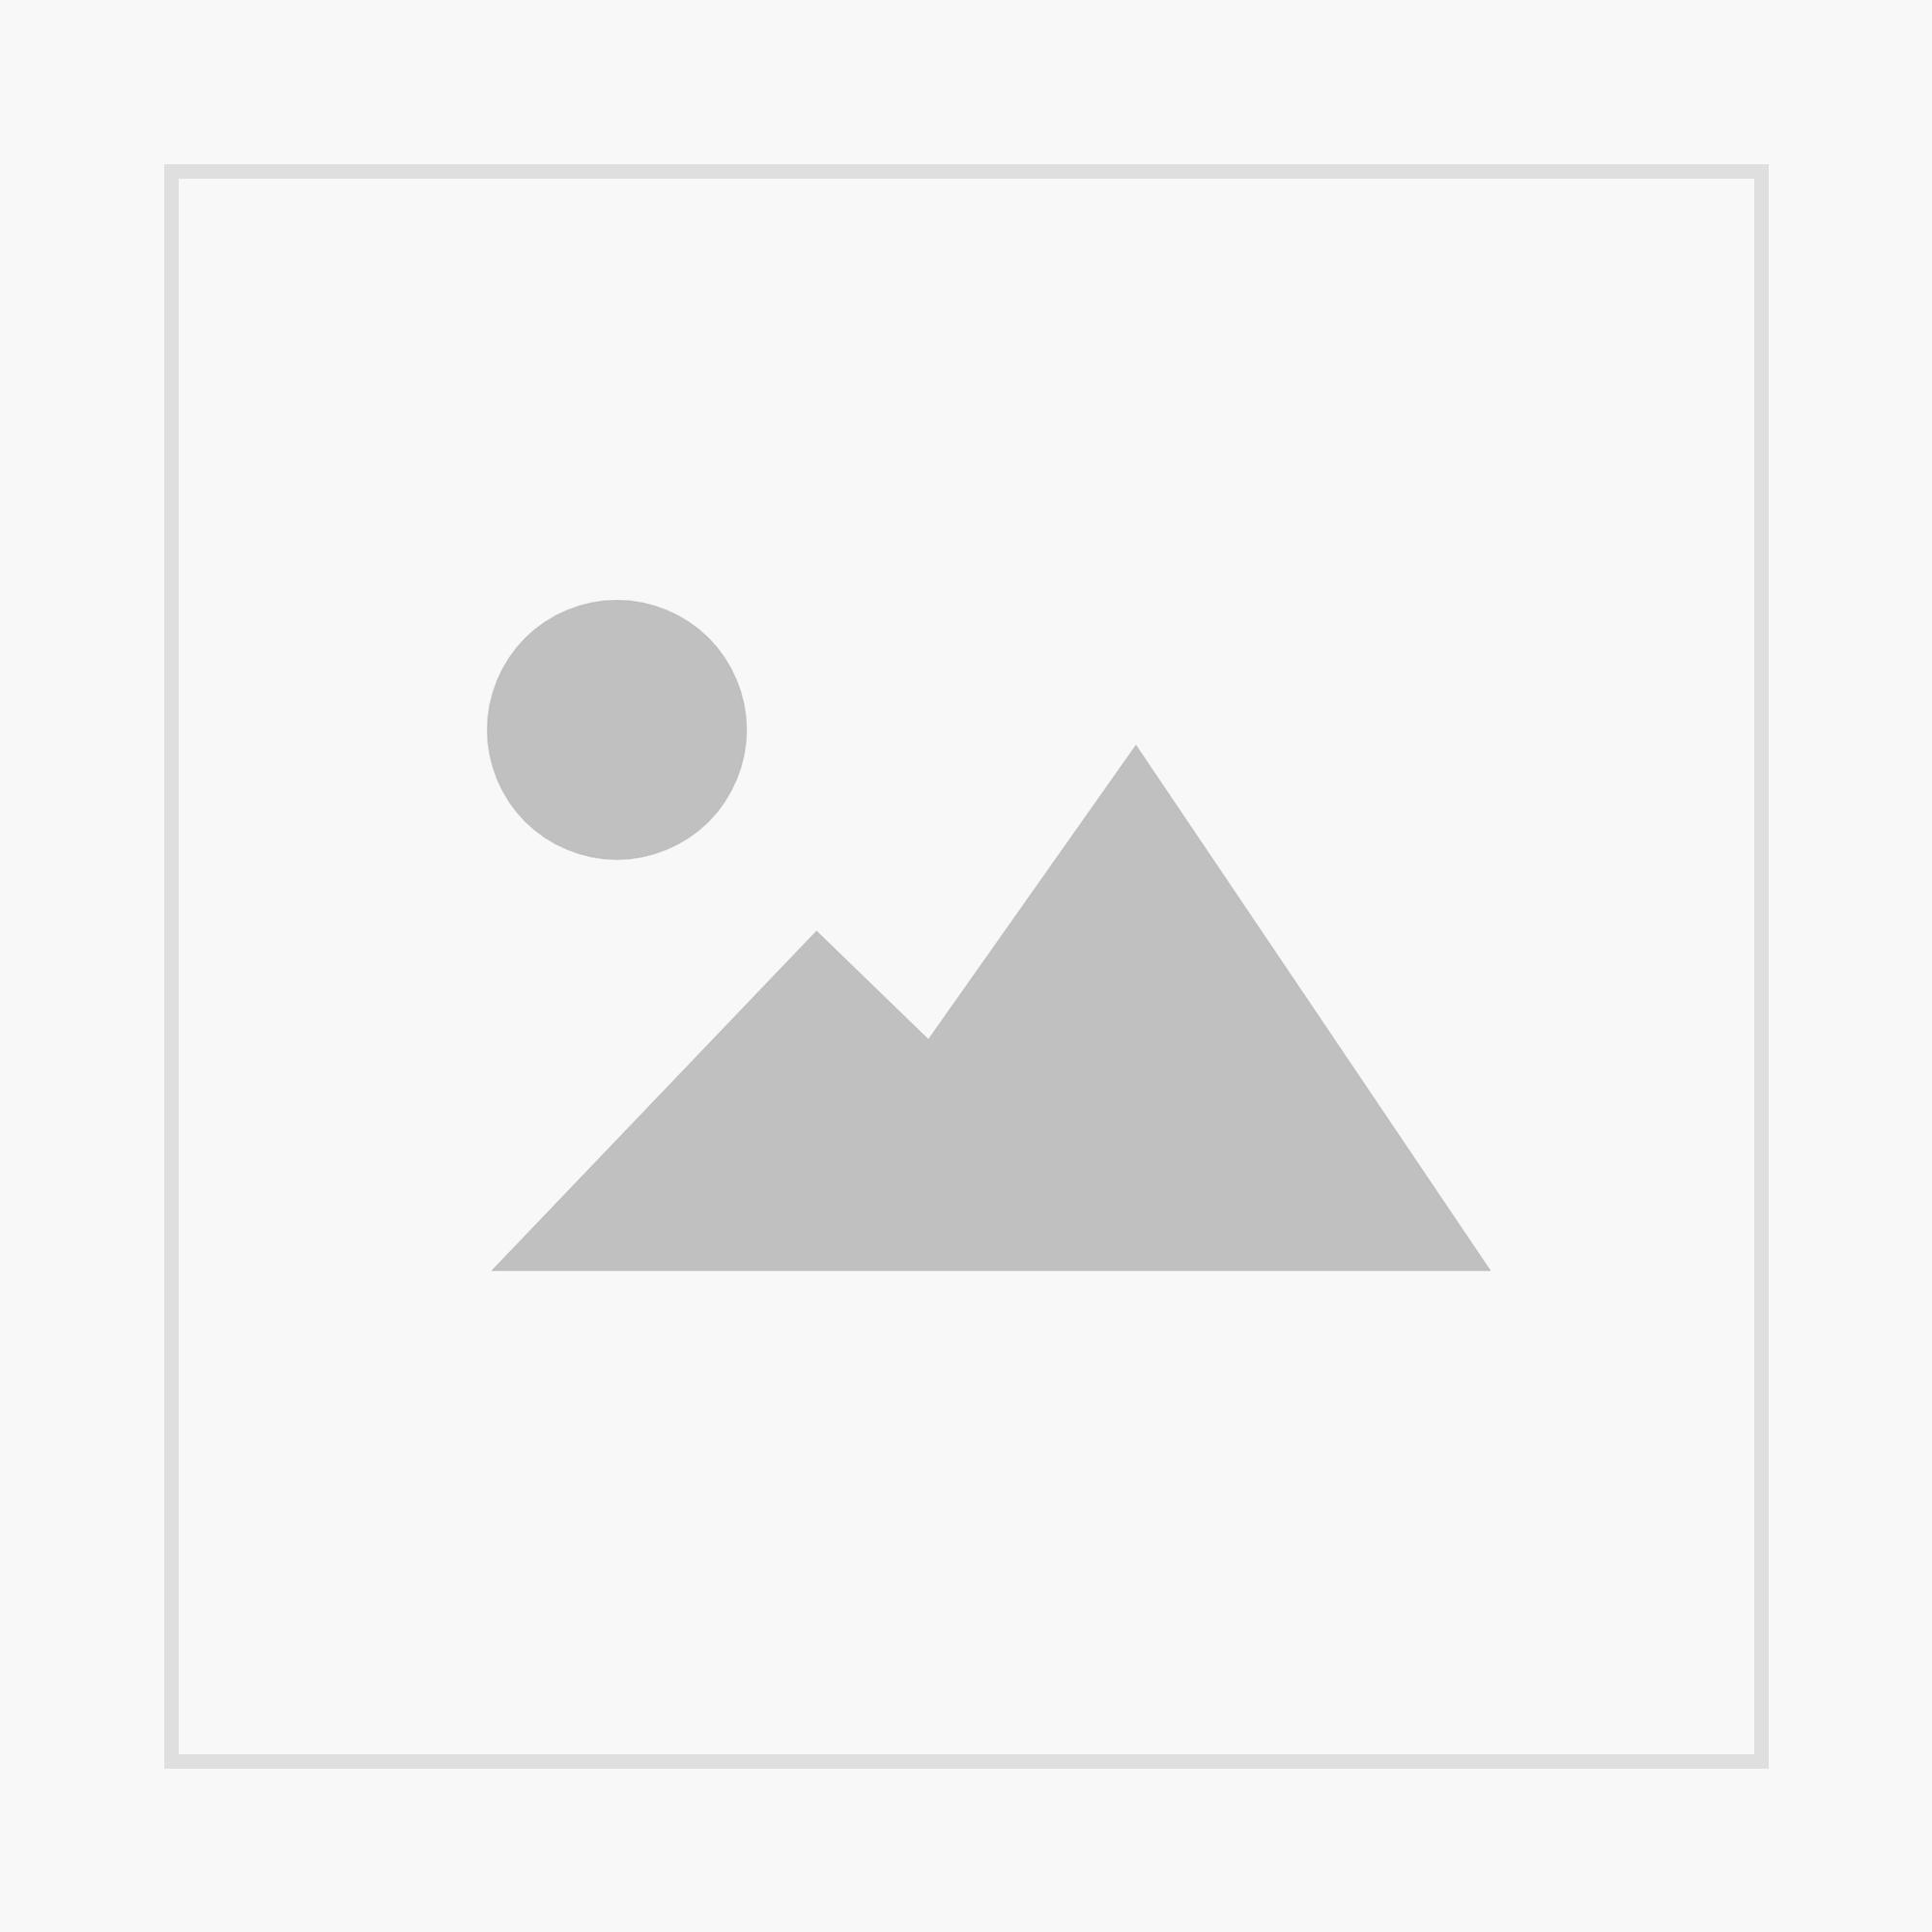 Ve Heft 24: Naturschutzbewertung der badischen Oberrheinaue - Vegetation und Wasserhaushalt des rheinnahen Waldes